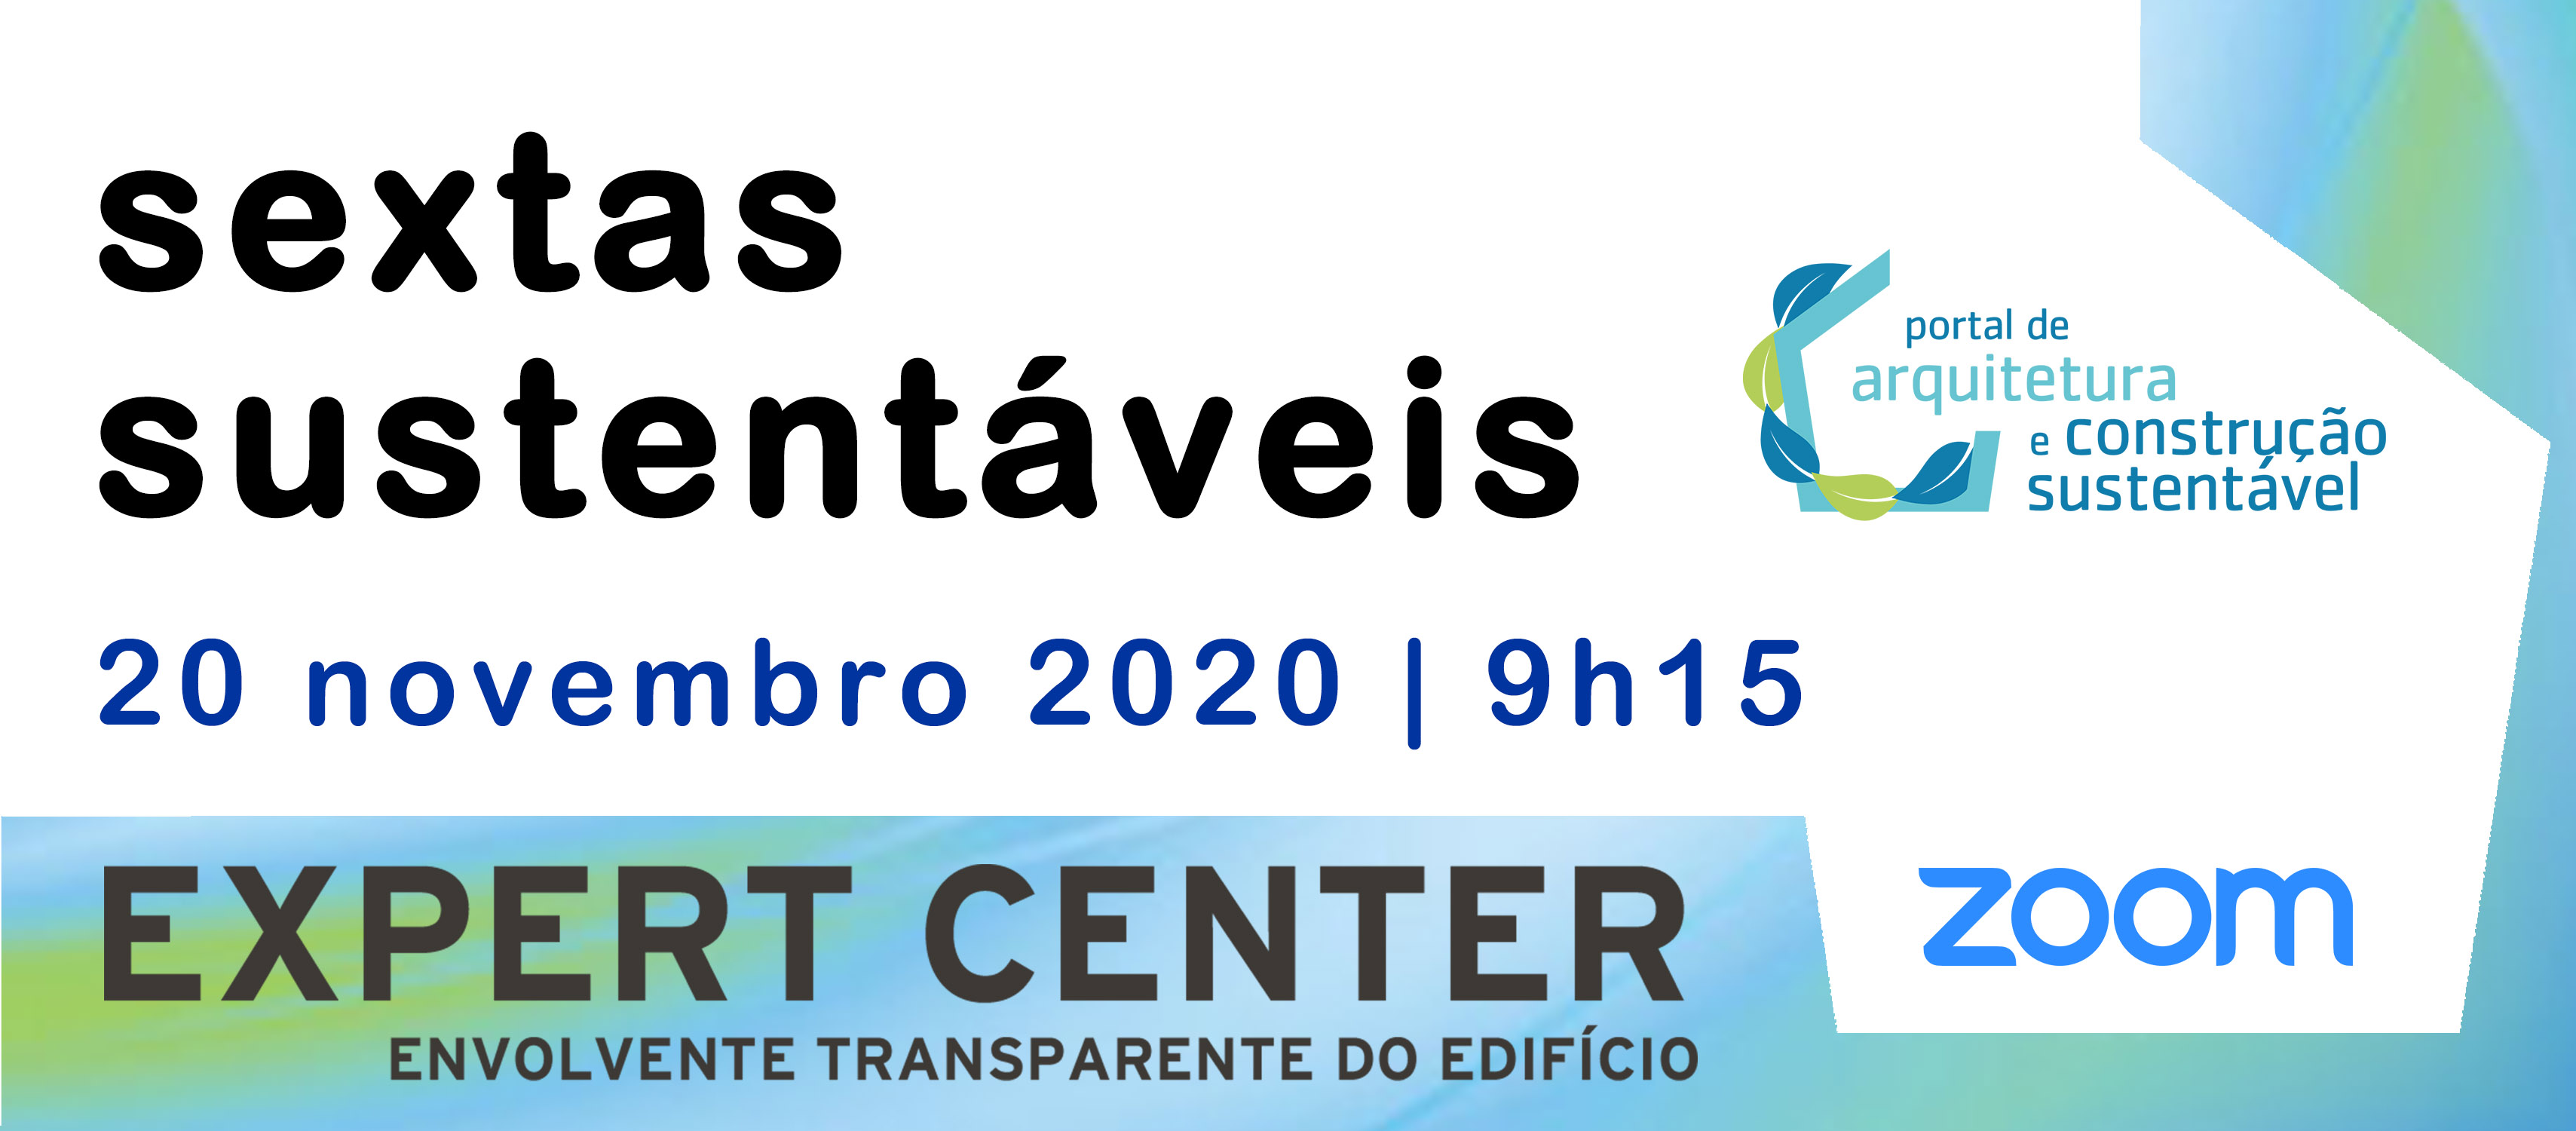 ss_banner_reynaers_expercenter